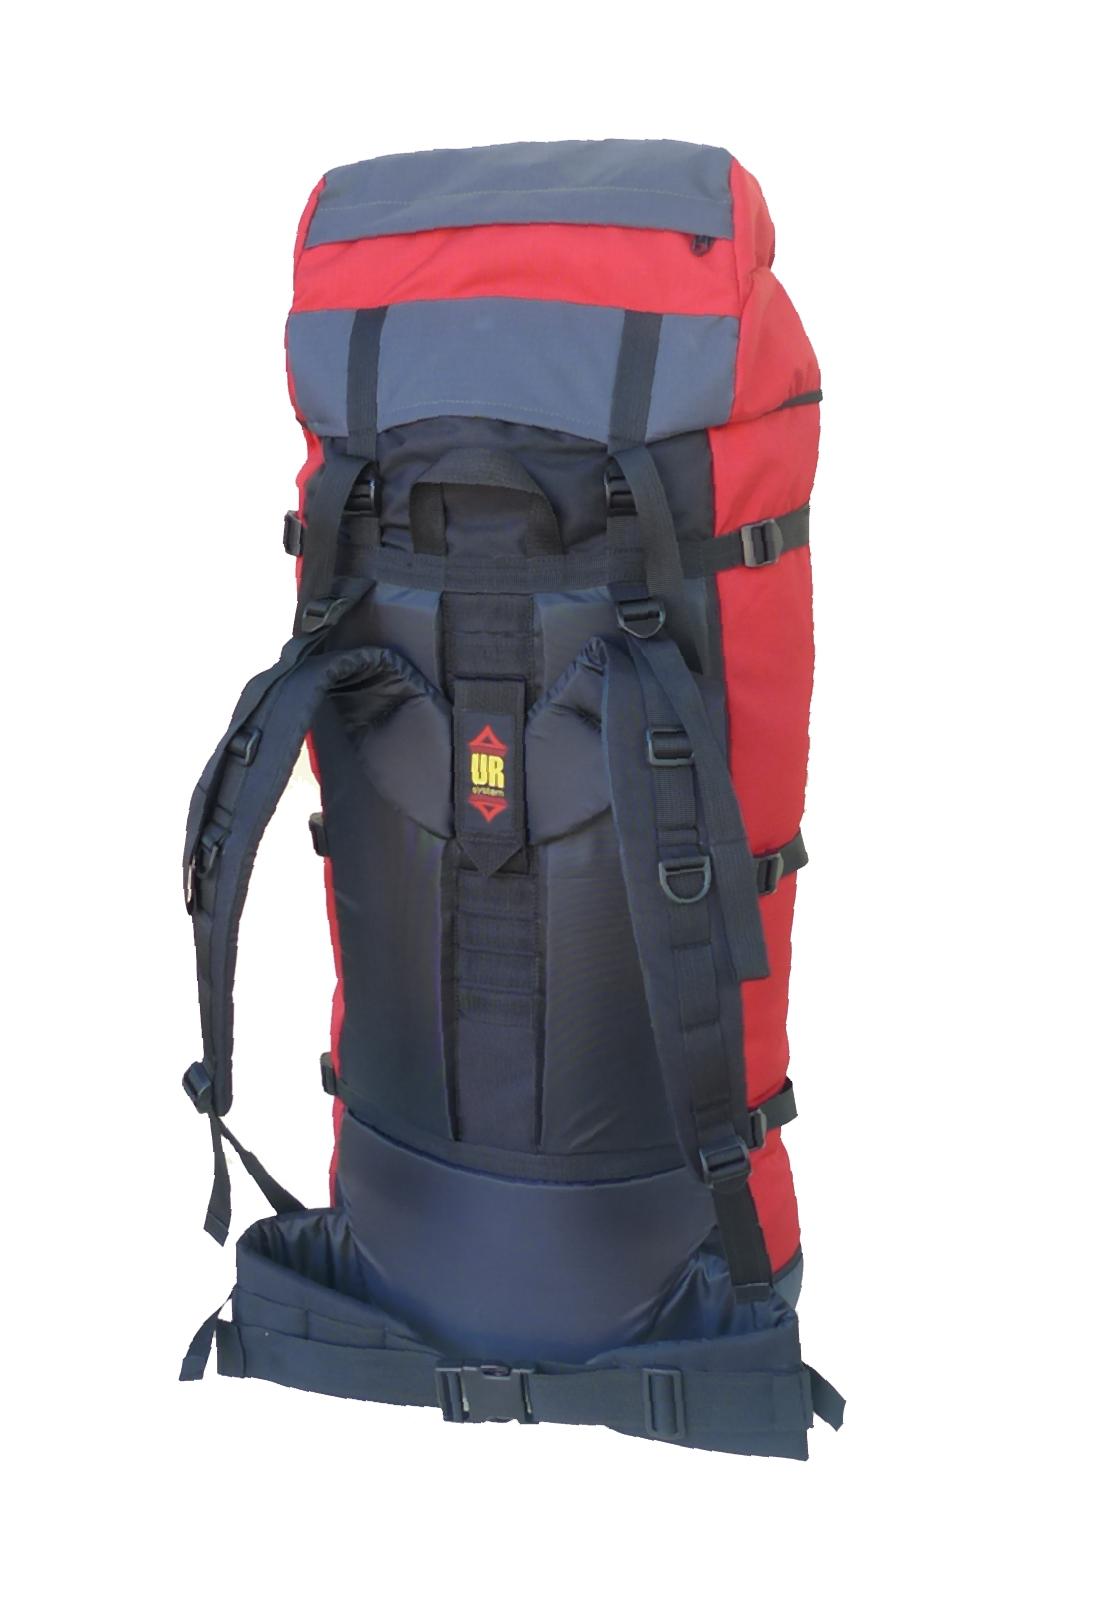 Рюкзак sinto 100 купить рюкзак дайкин в спб